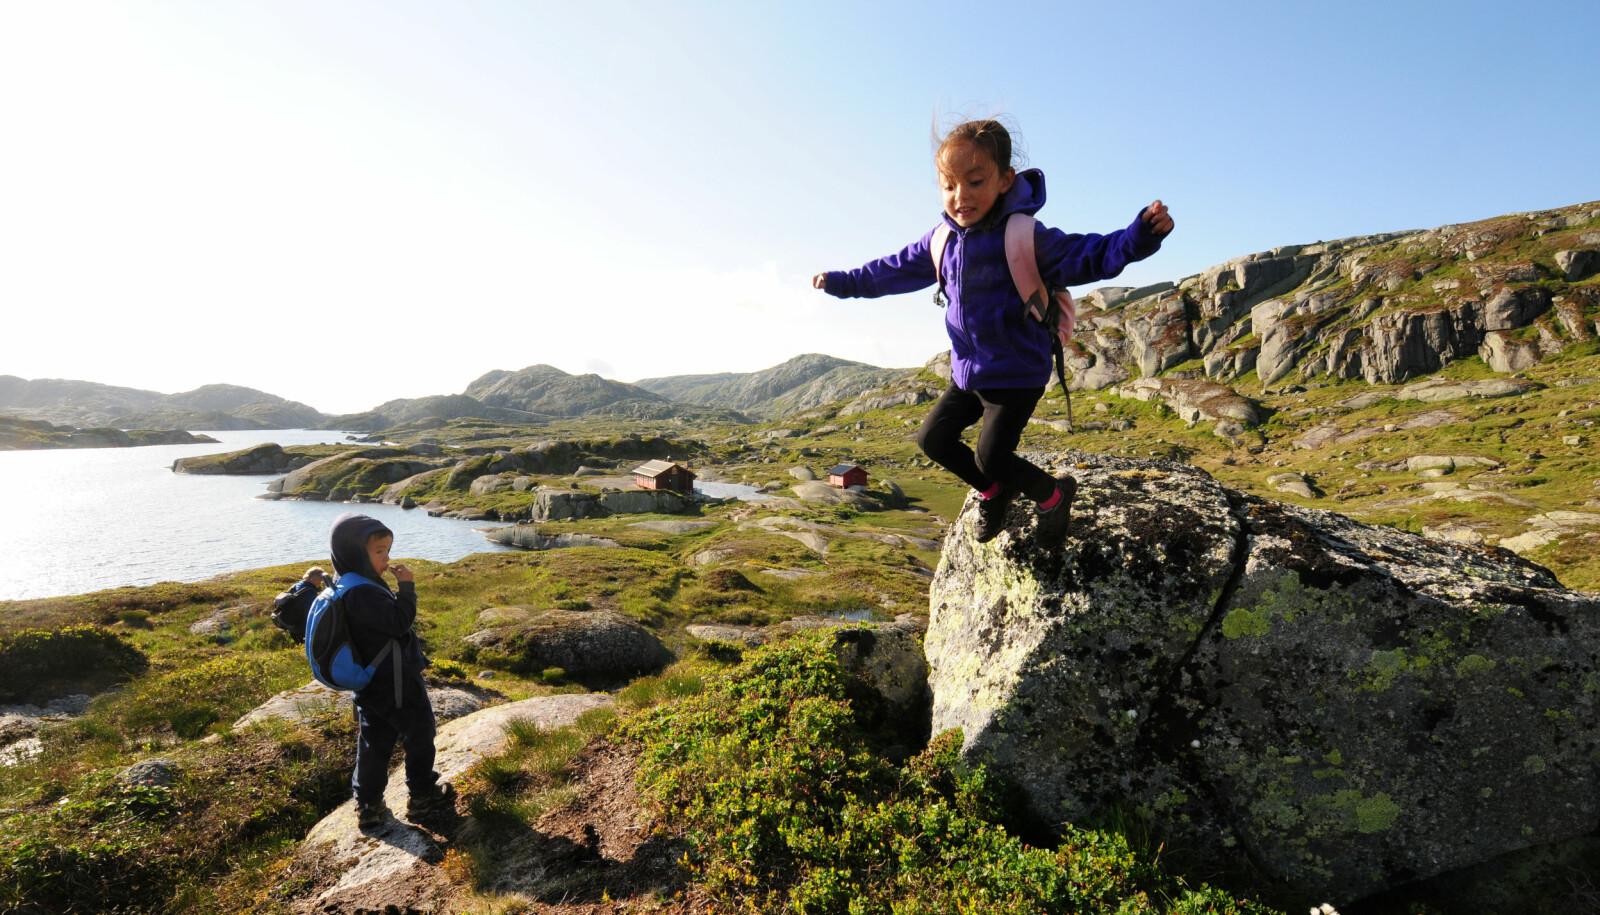 GØY PÅ TUR: Husk å ha tid til lek når du er på tur med barn.